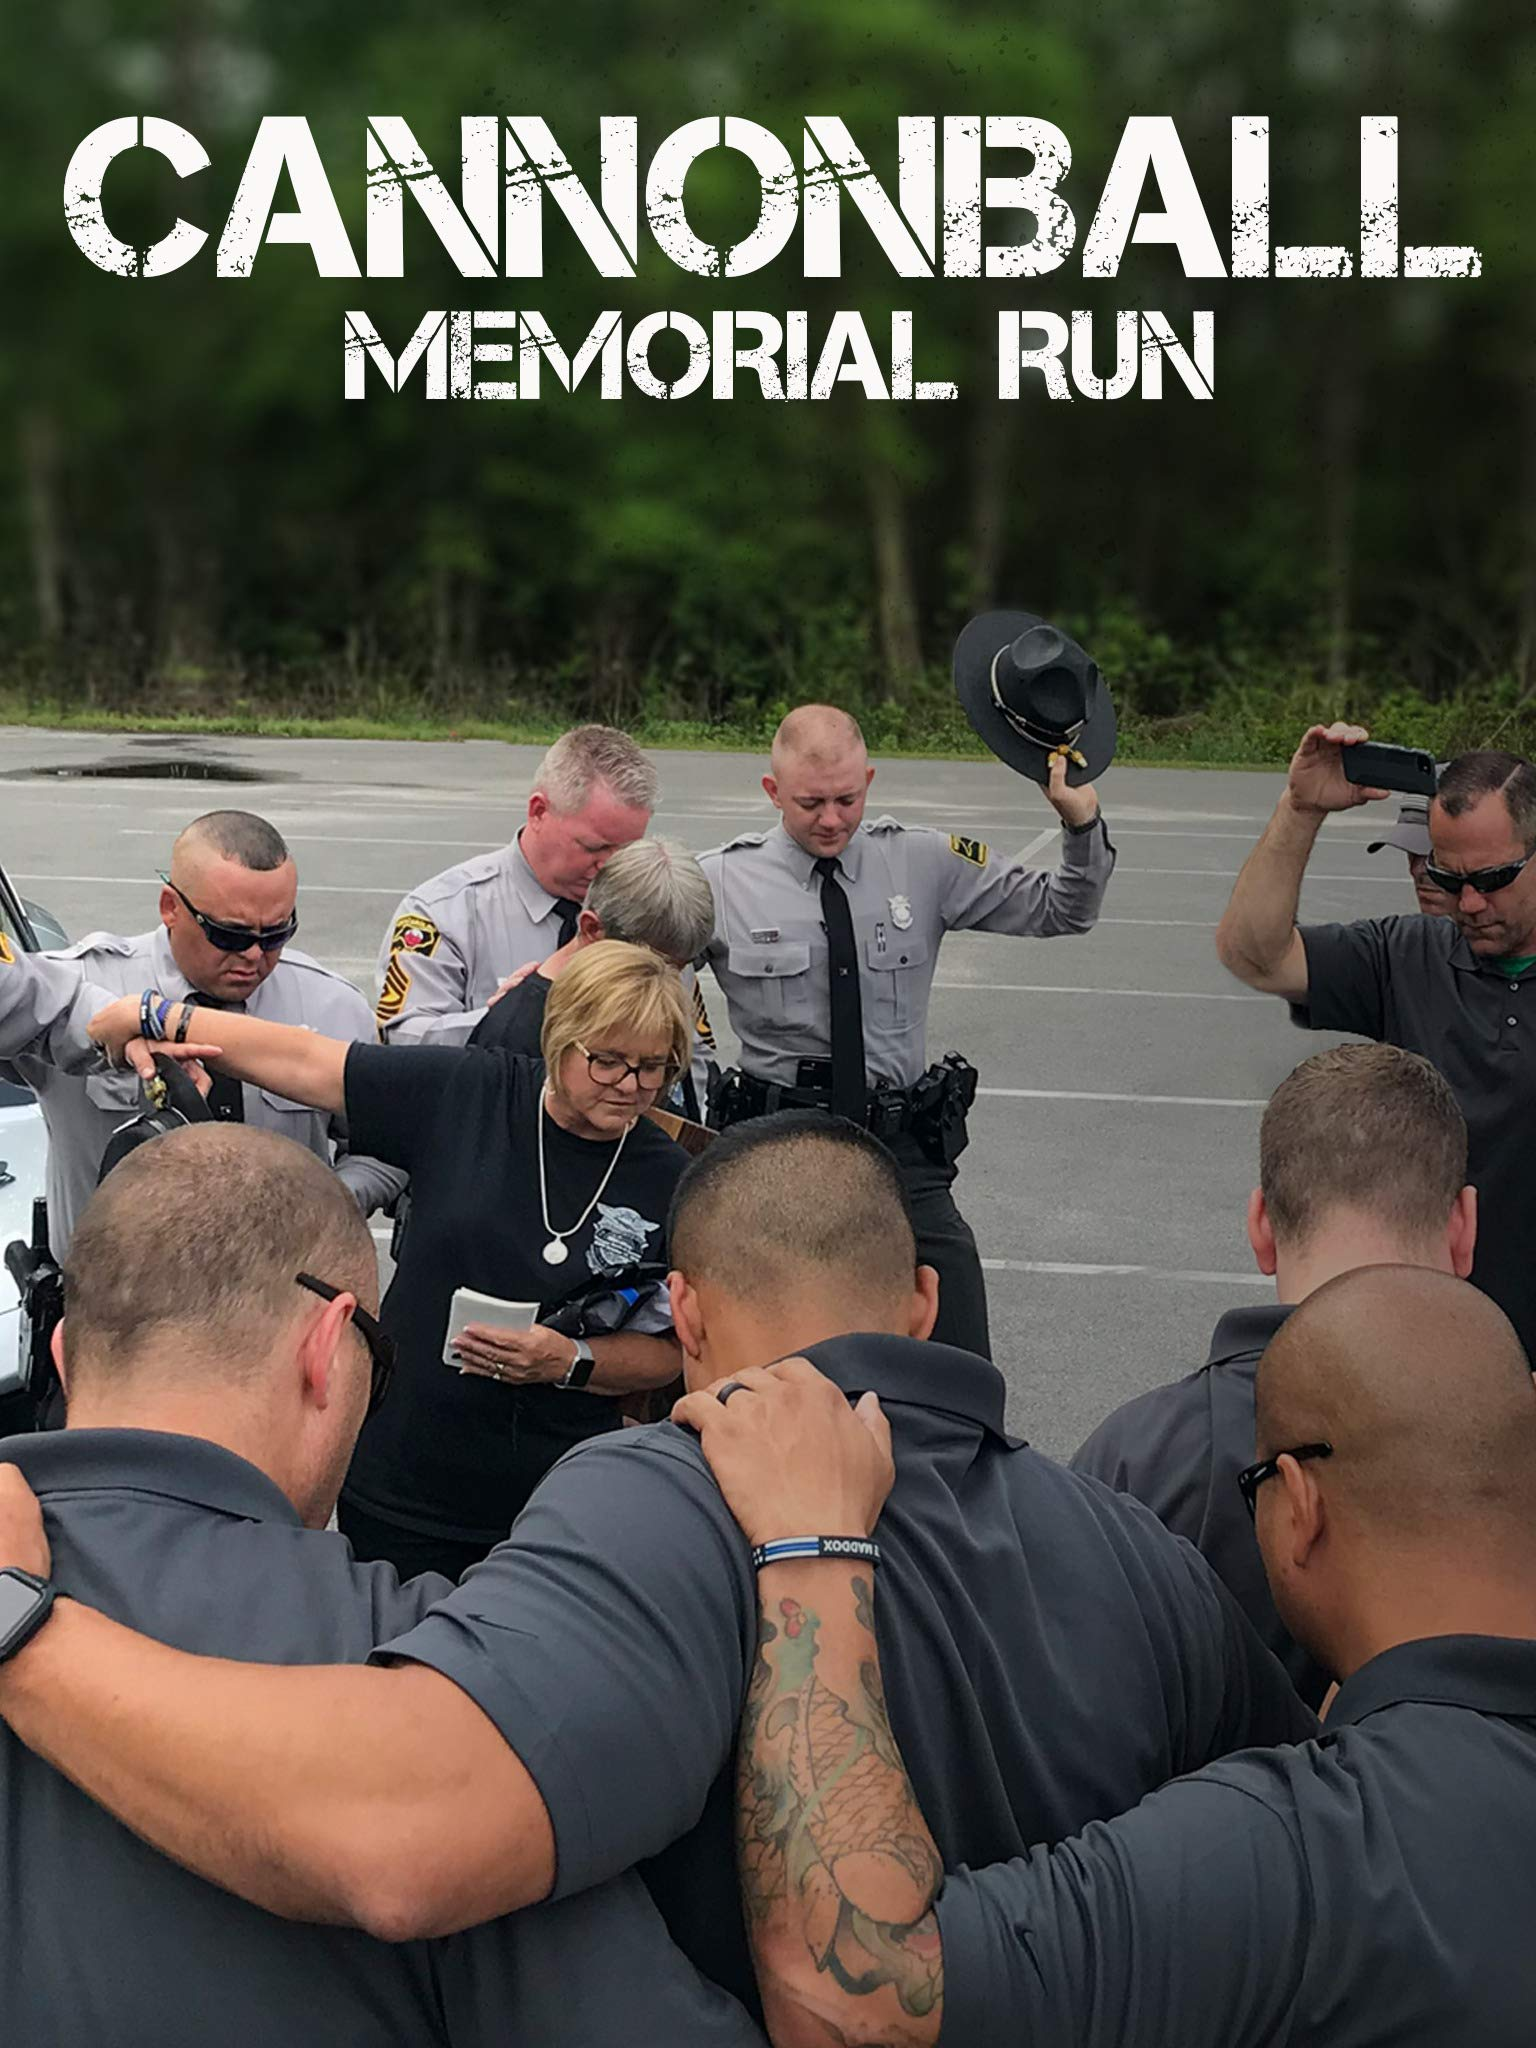 Cannonball Memorial Run